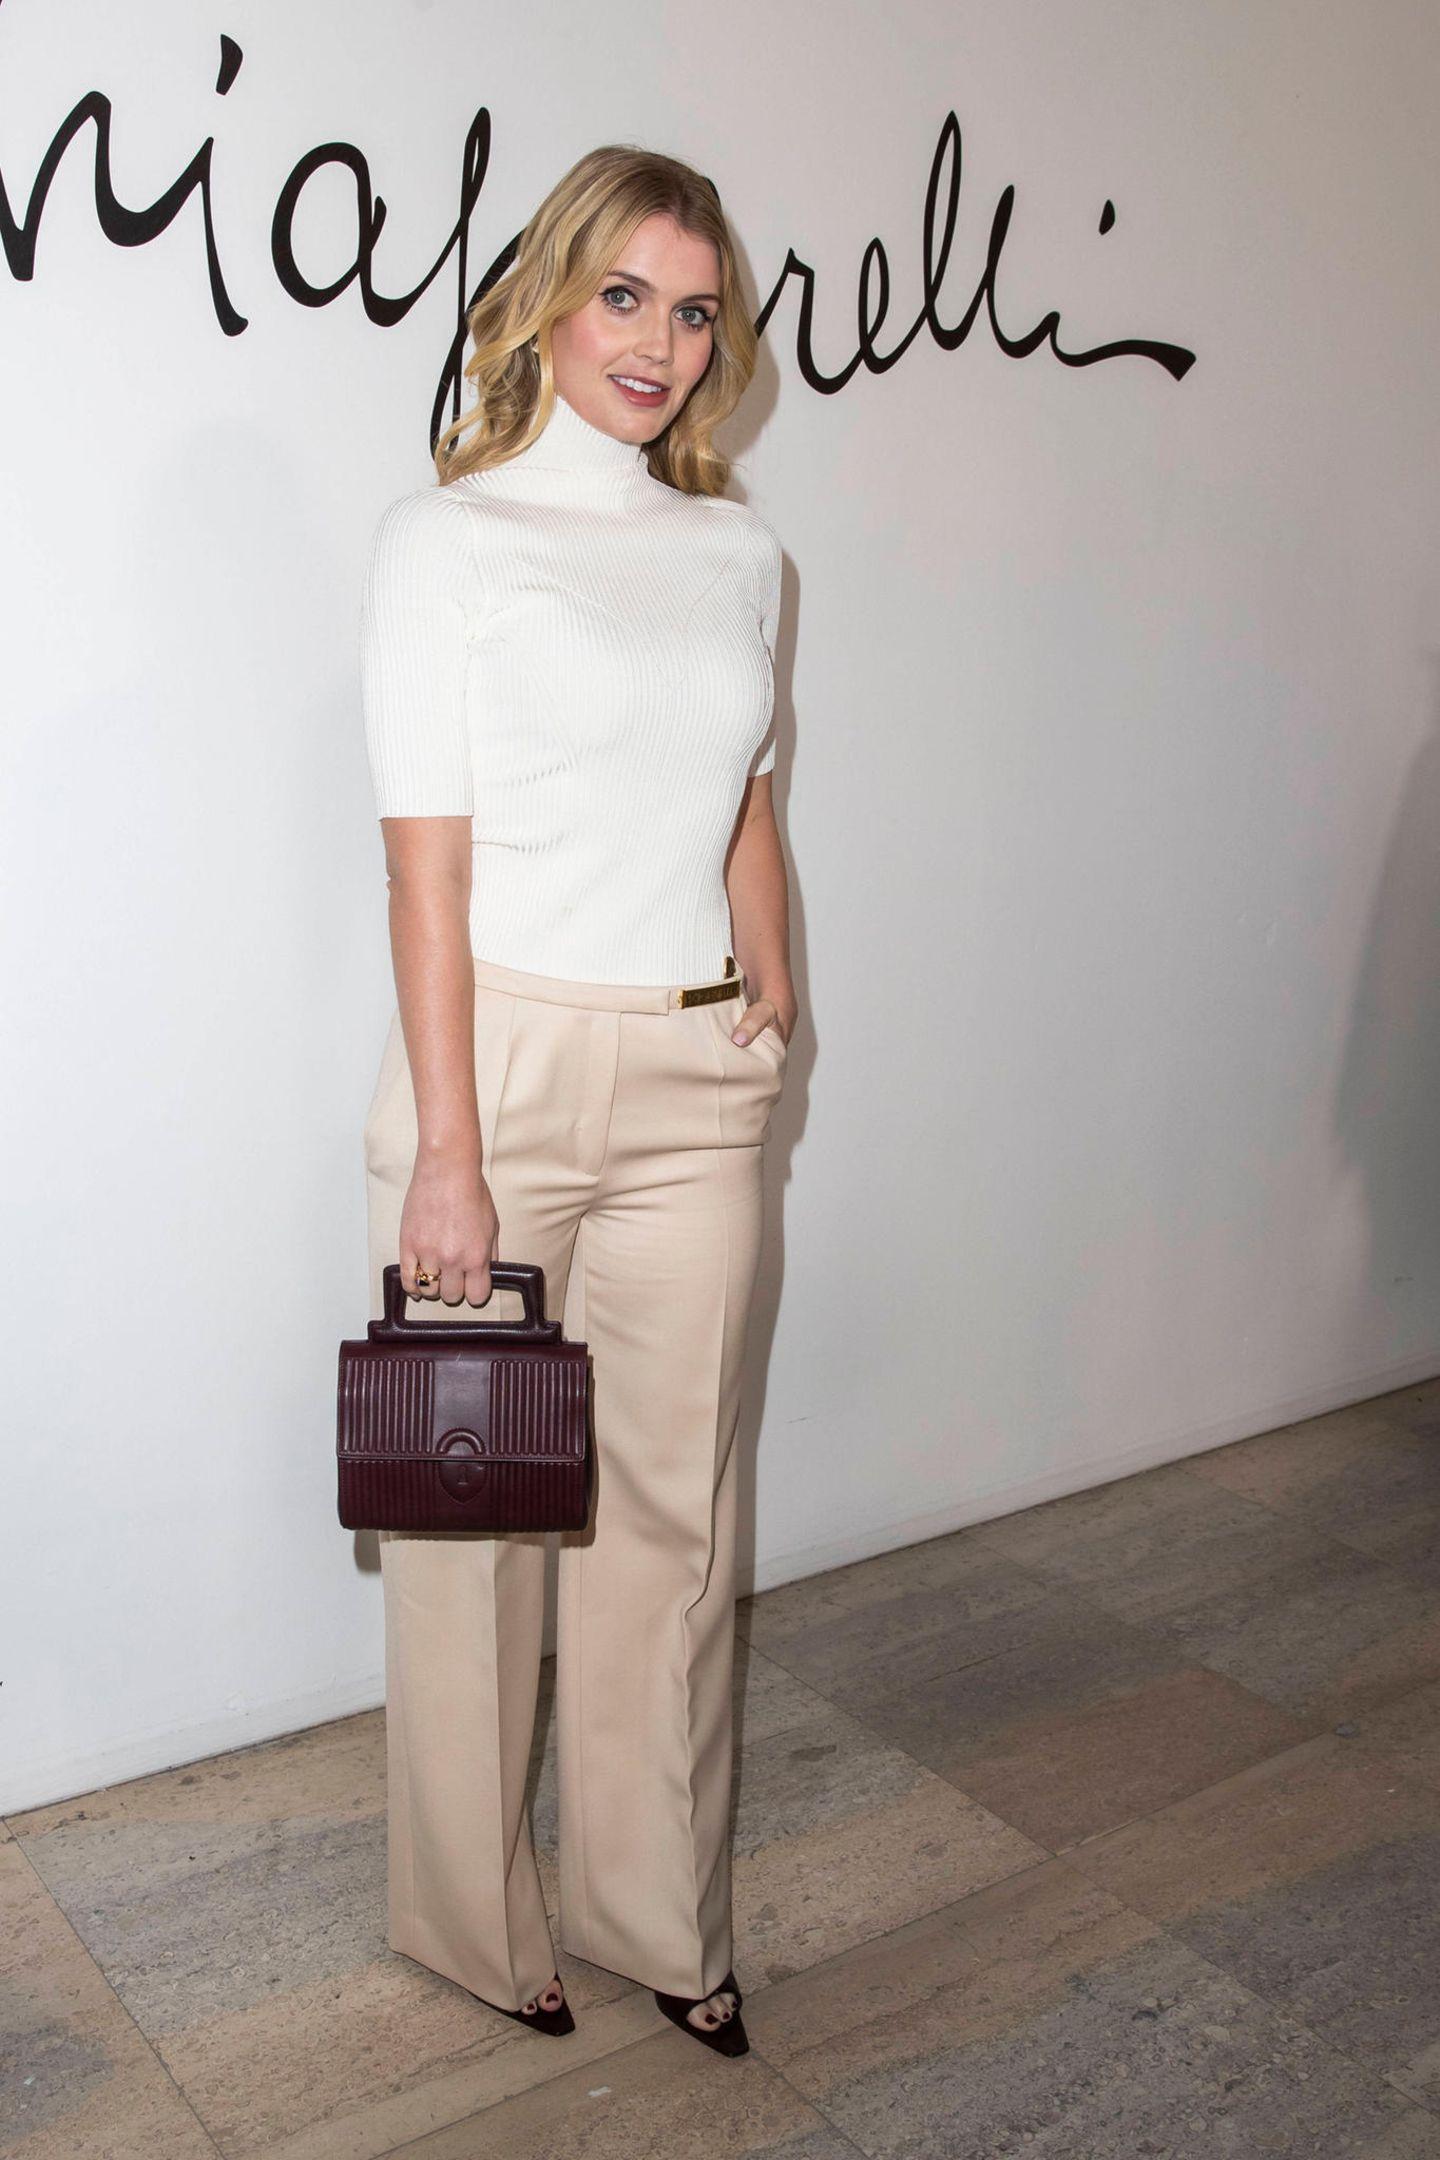 Lady Kitty Spencer erscheint zur Fashionshow von Schiaparelli in einem weißen Rollkragenpullover in Kombination mit einer weit geschnittenen Stoffhose.